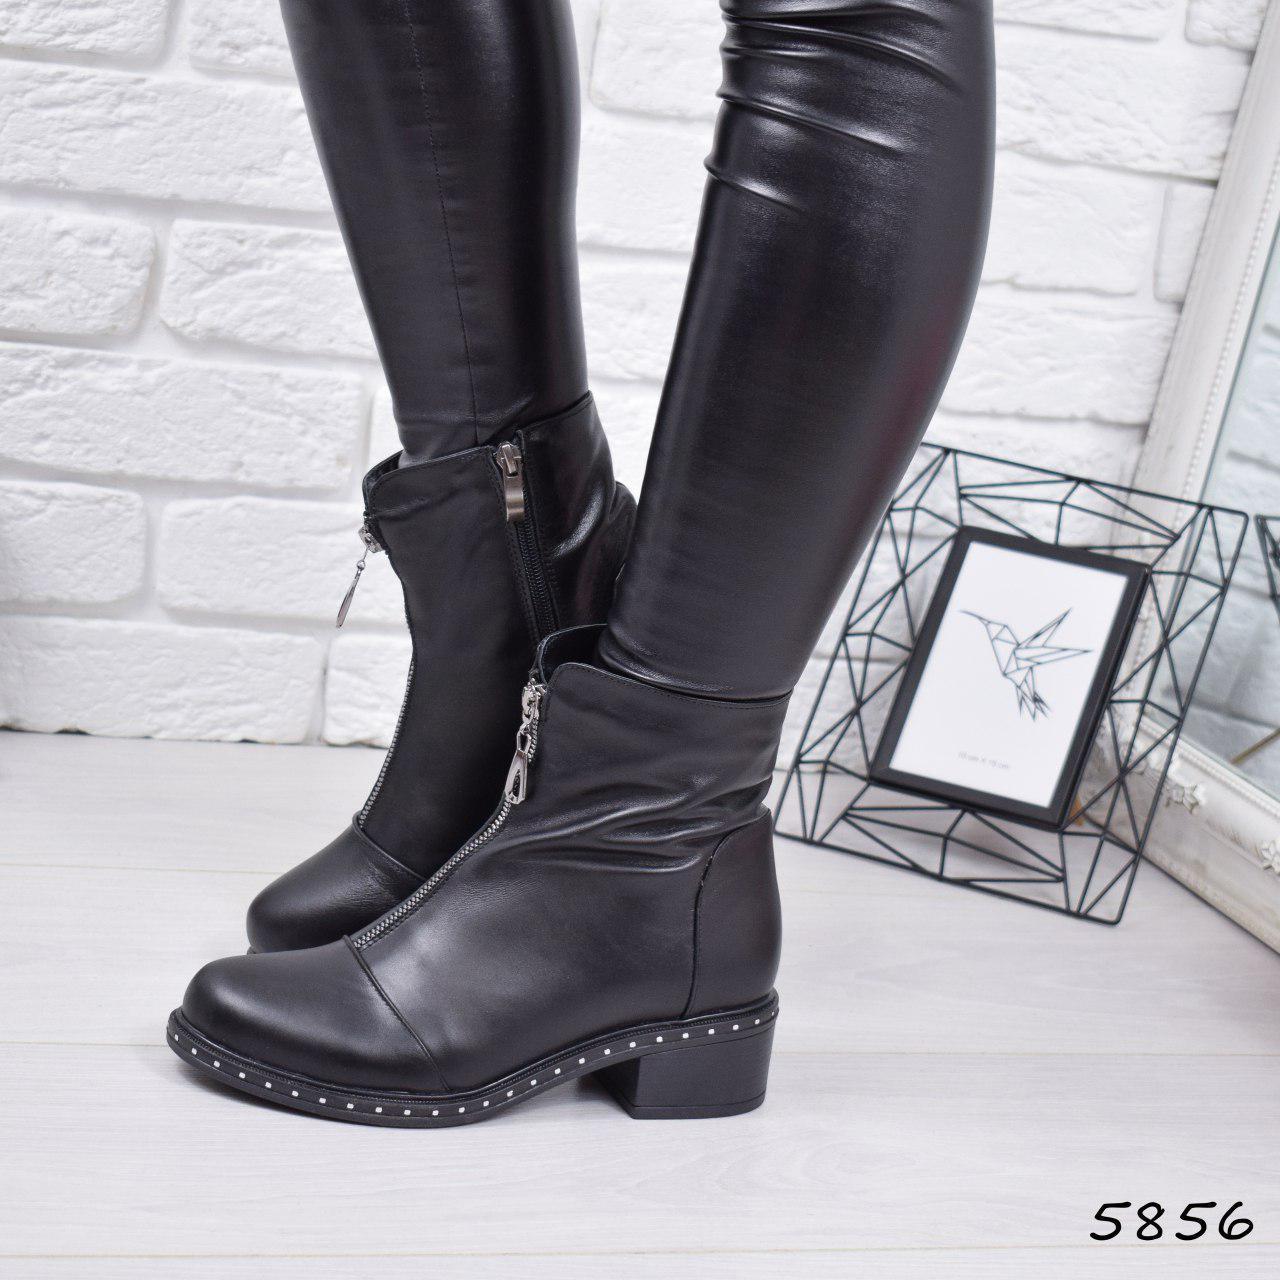 """Ботинки, ботильоны черные """"Q&Q"""" НАТУРАЛЬНАЯ КОЖА, повседневная, демисезонная, осенняя, женская обувь"""